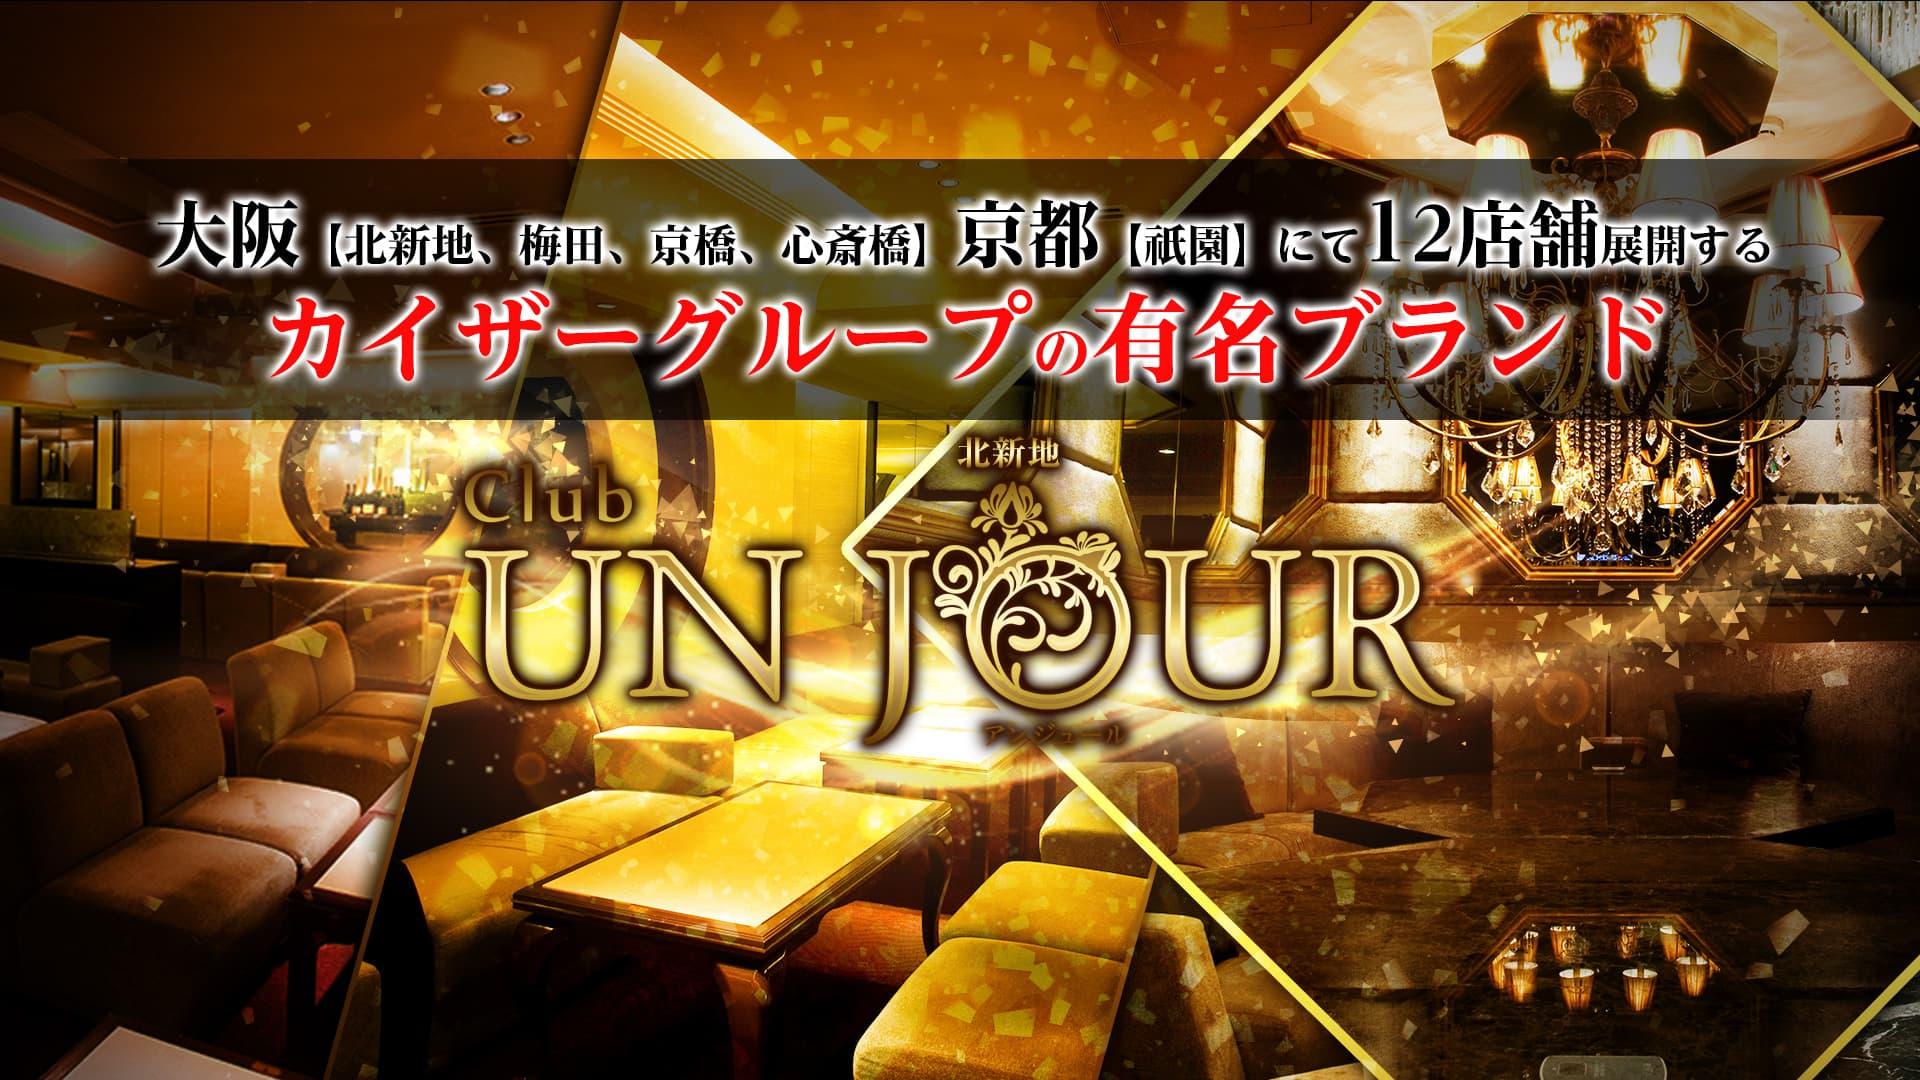 【北新地】Club UNJOUR (アンジュール)【公式求人・体入情報】 流川ニュークラブ TOP画像